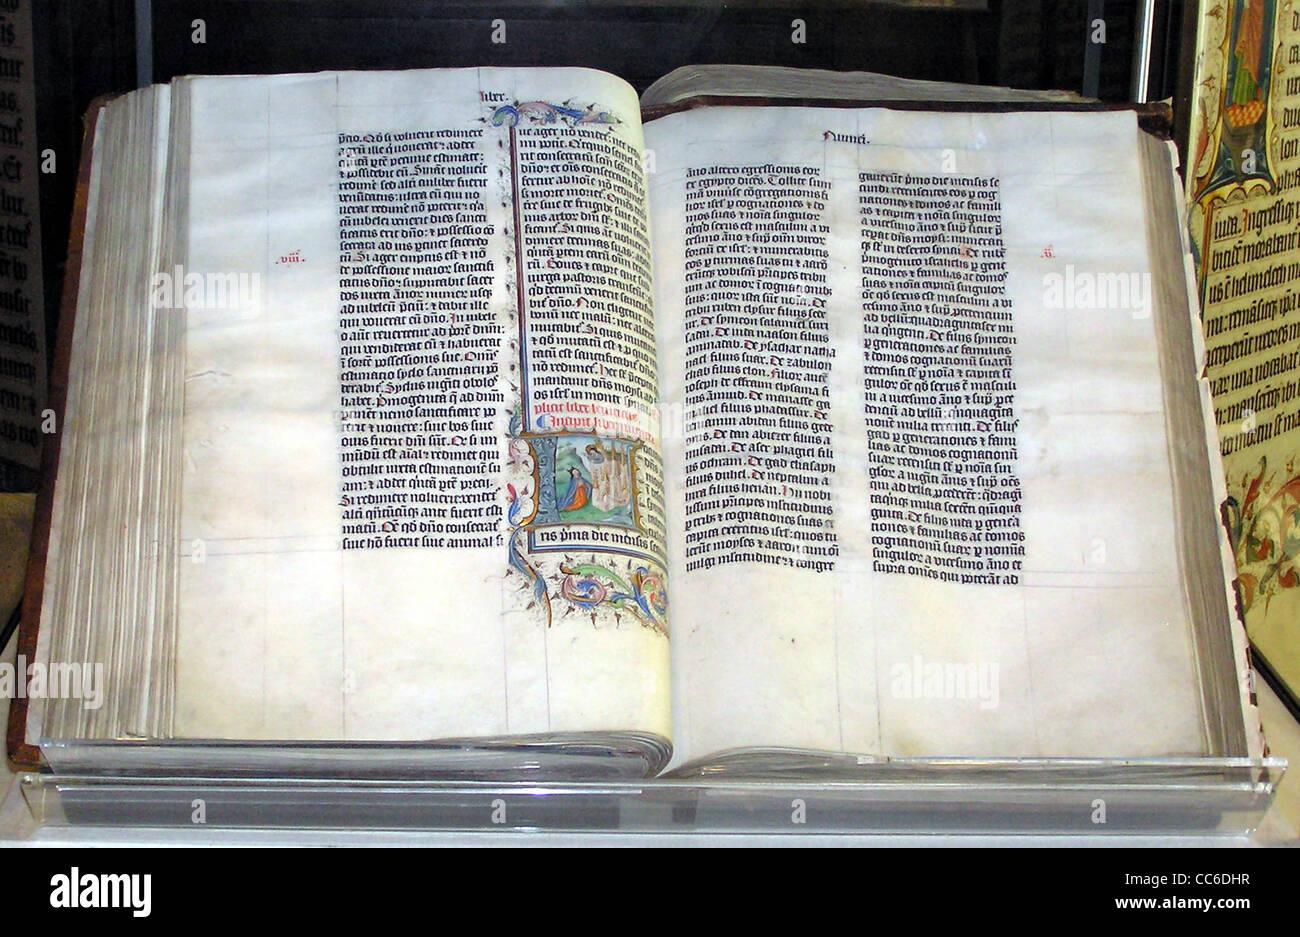 Bibel handschriftlich in lateinischer Sprache, auf dem Display in Malmesbury Abbey, Wiltshire, England. Stockbild